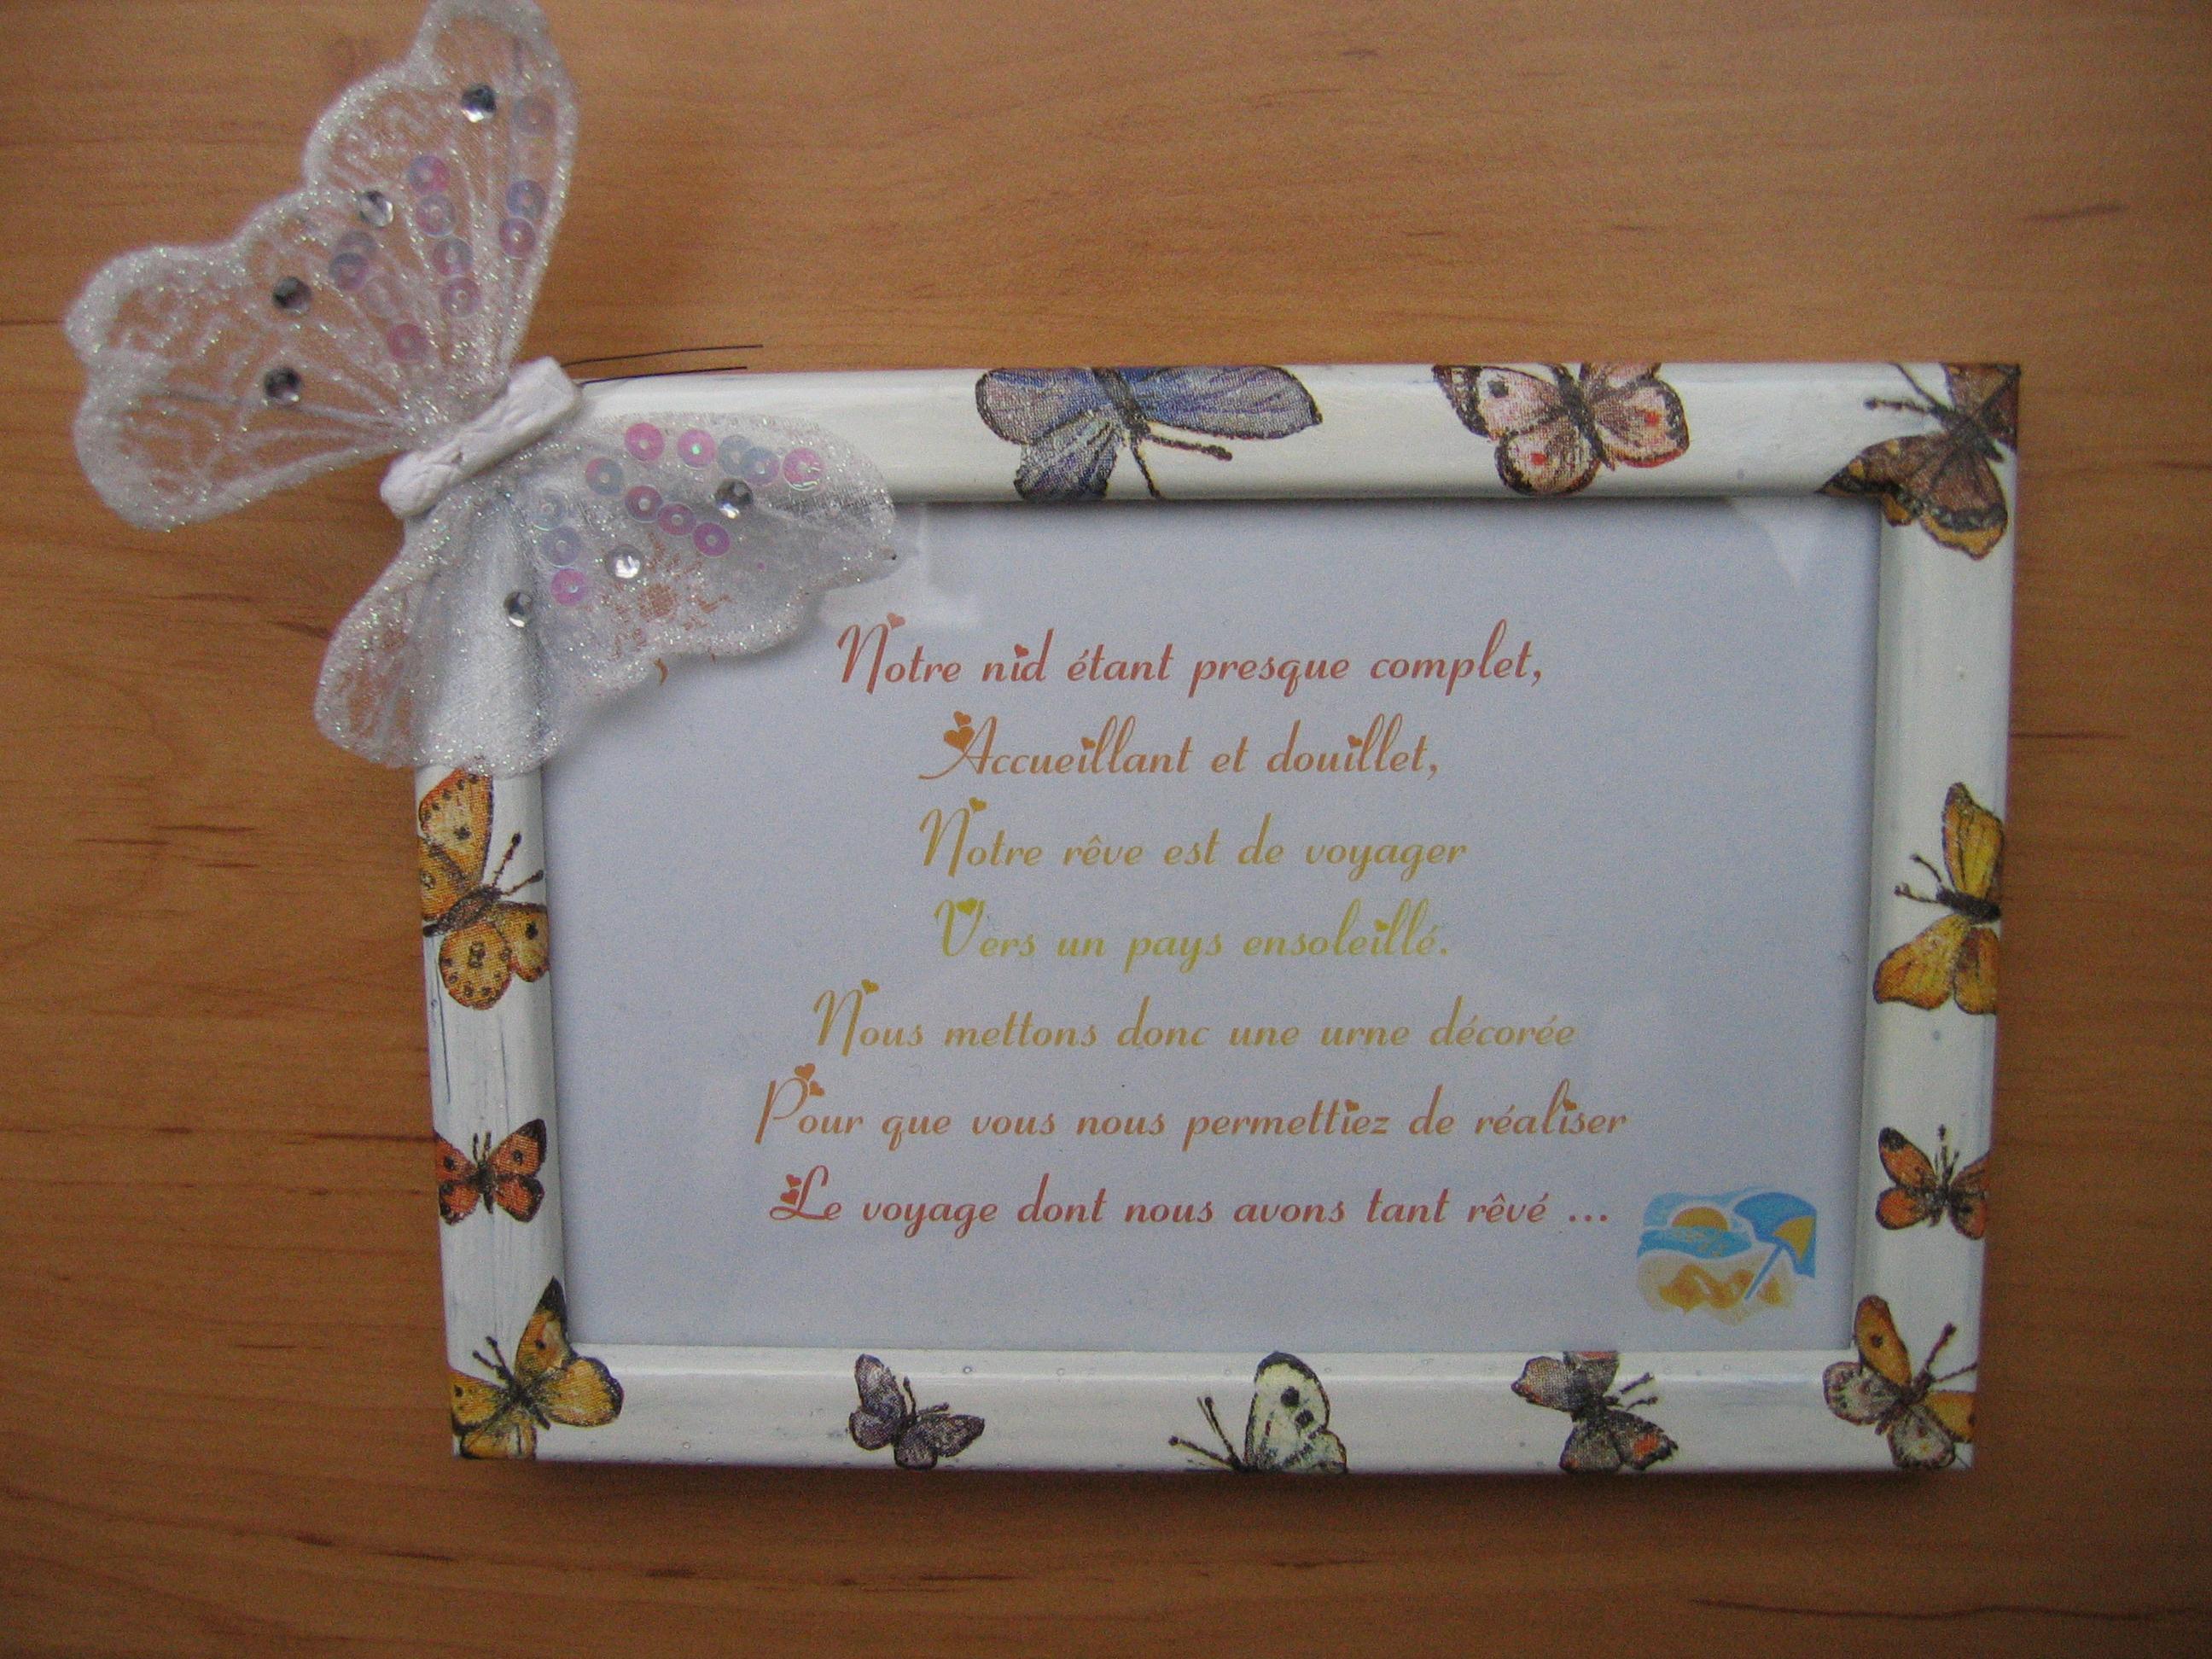 Et voici le cadre avec le texte j urne atchoume72 photos club doctissimo - Fabriquer une urne anniversaire ...